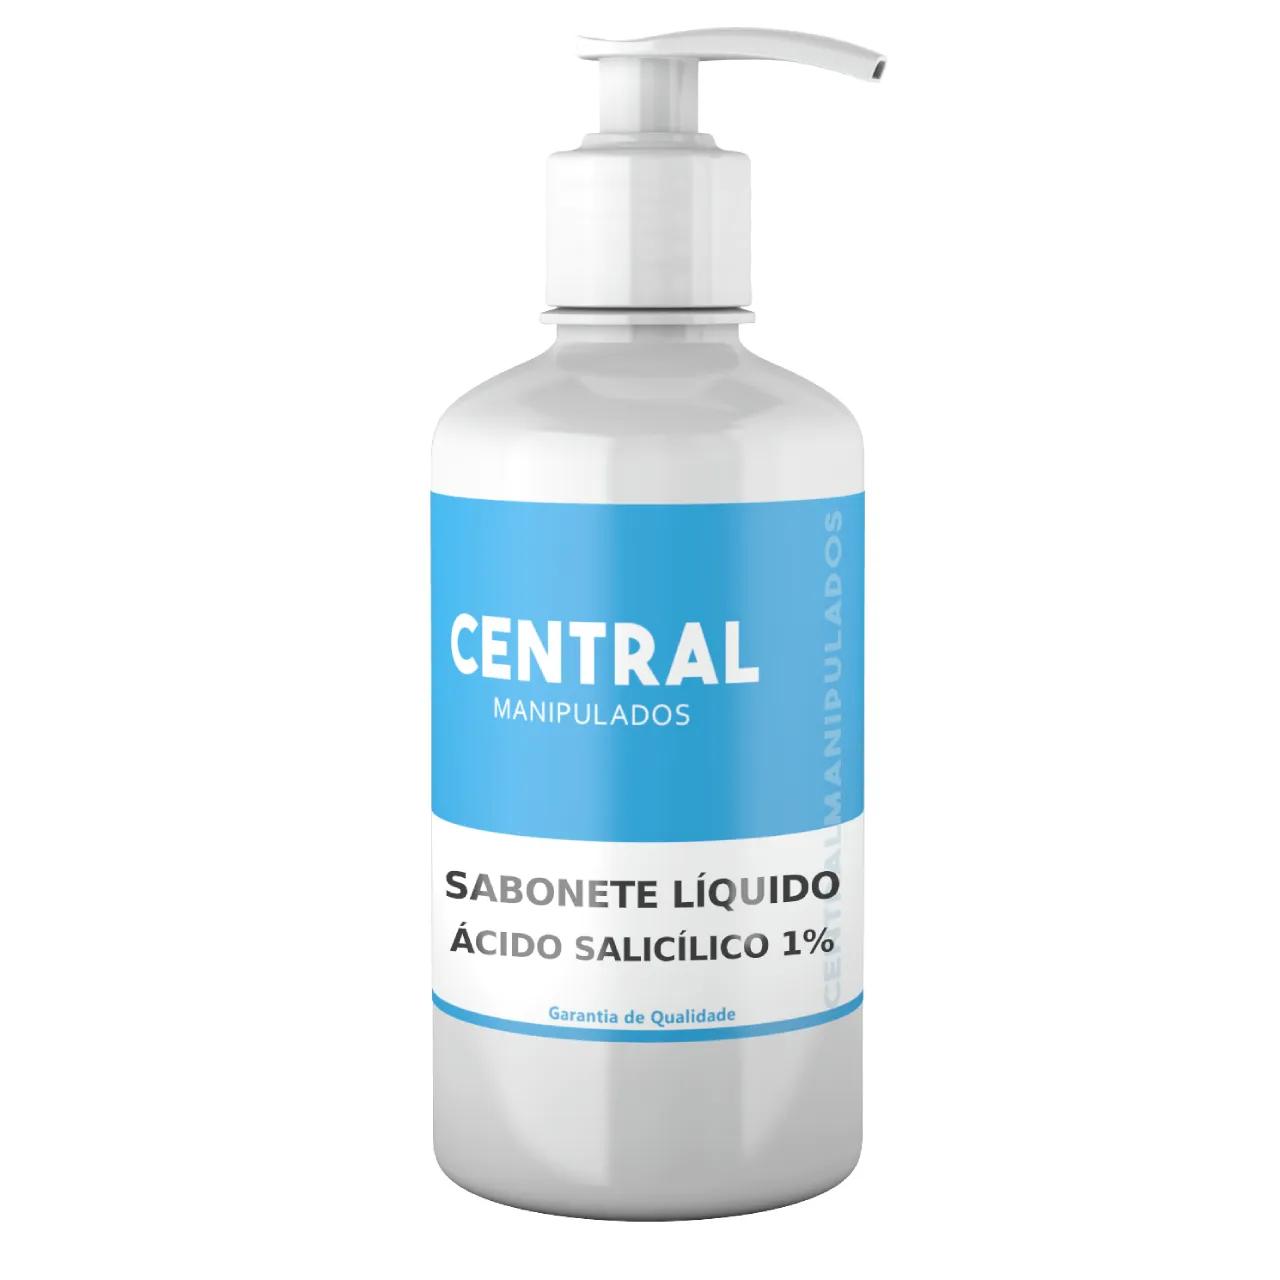 Sabonete Líquido Ácido Salicílico 1% - 200mL - Acne, Caspa, Dermatite seborreica, Regularizador de oleosidade, Esfoliante